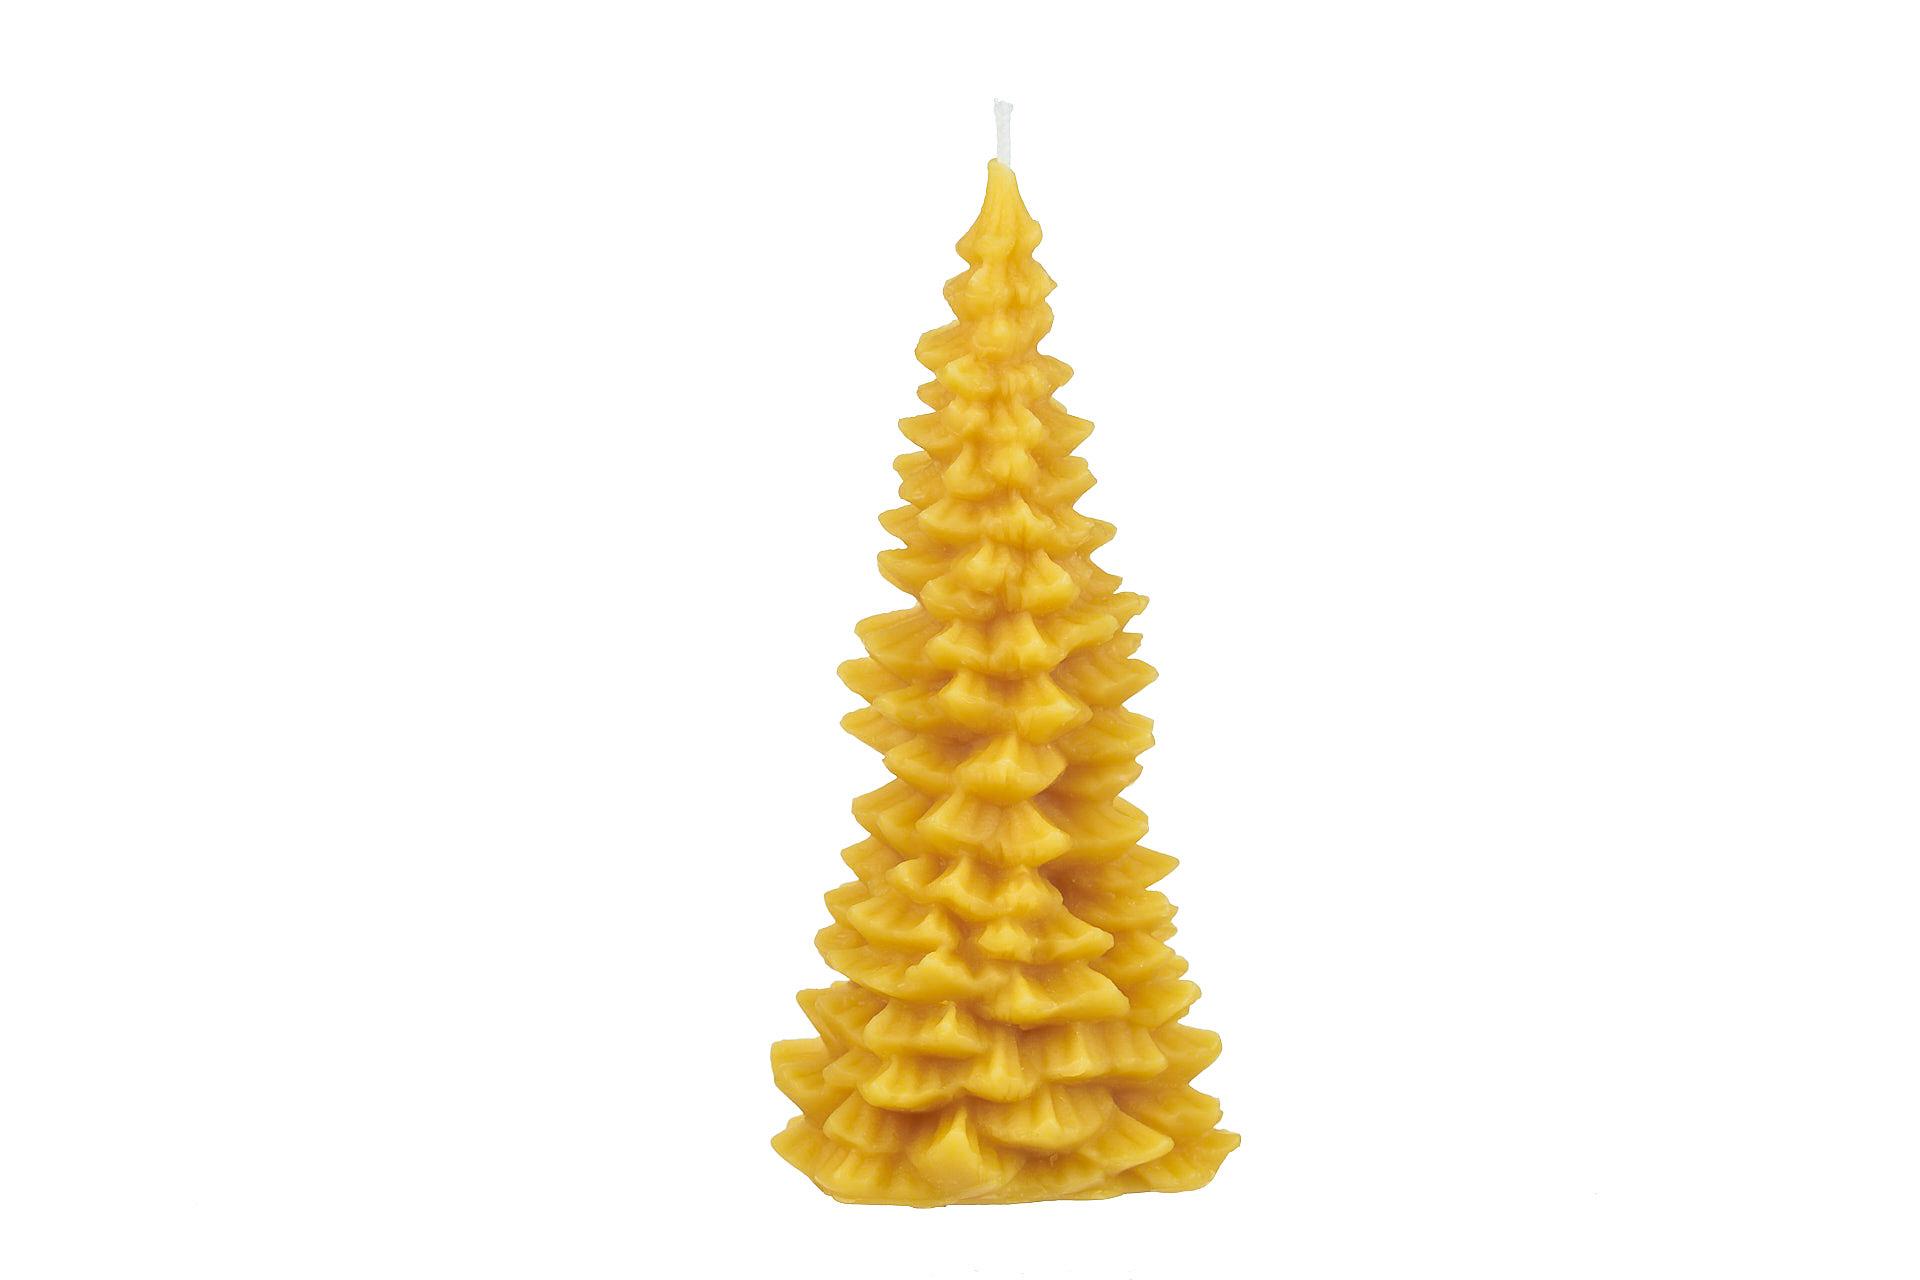 Großer schlanker Tannenbaum (Höhe ca. 16cm) aus 100% Bienenwachs vom Imker